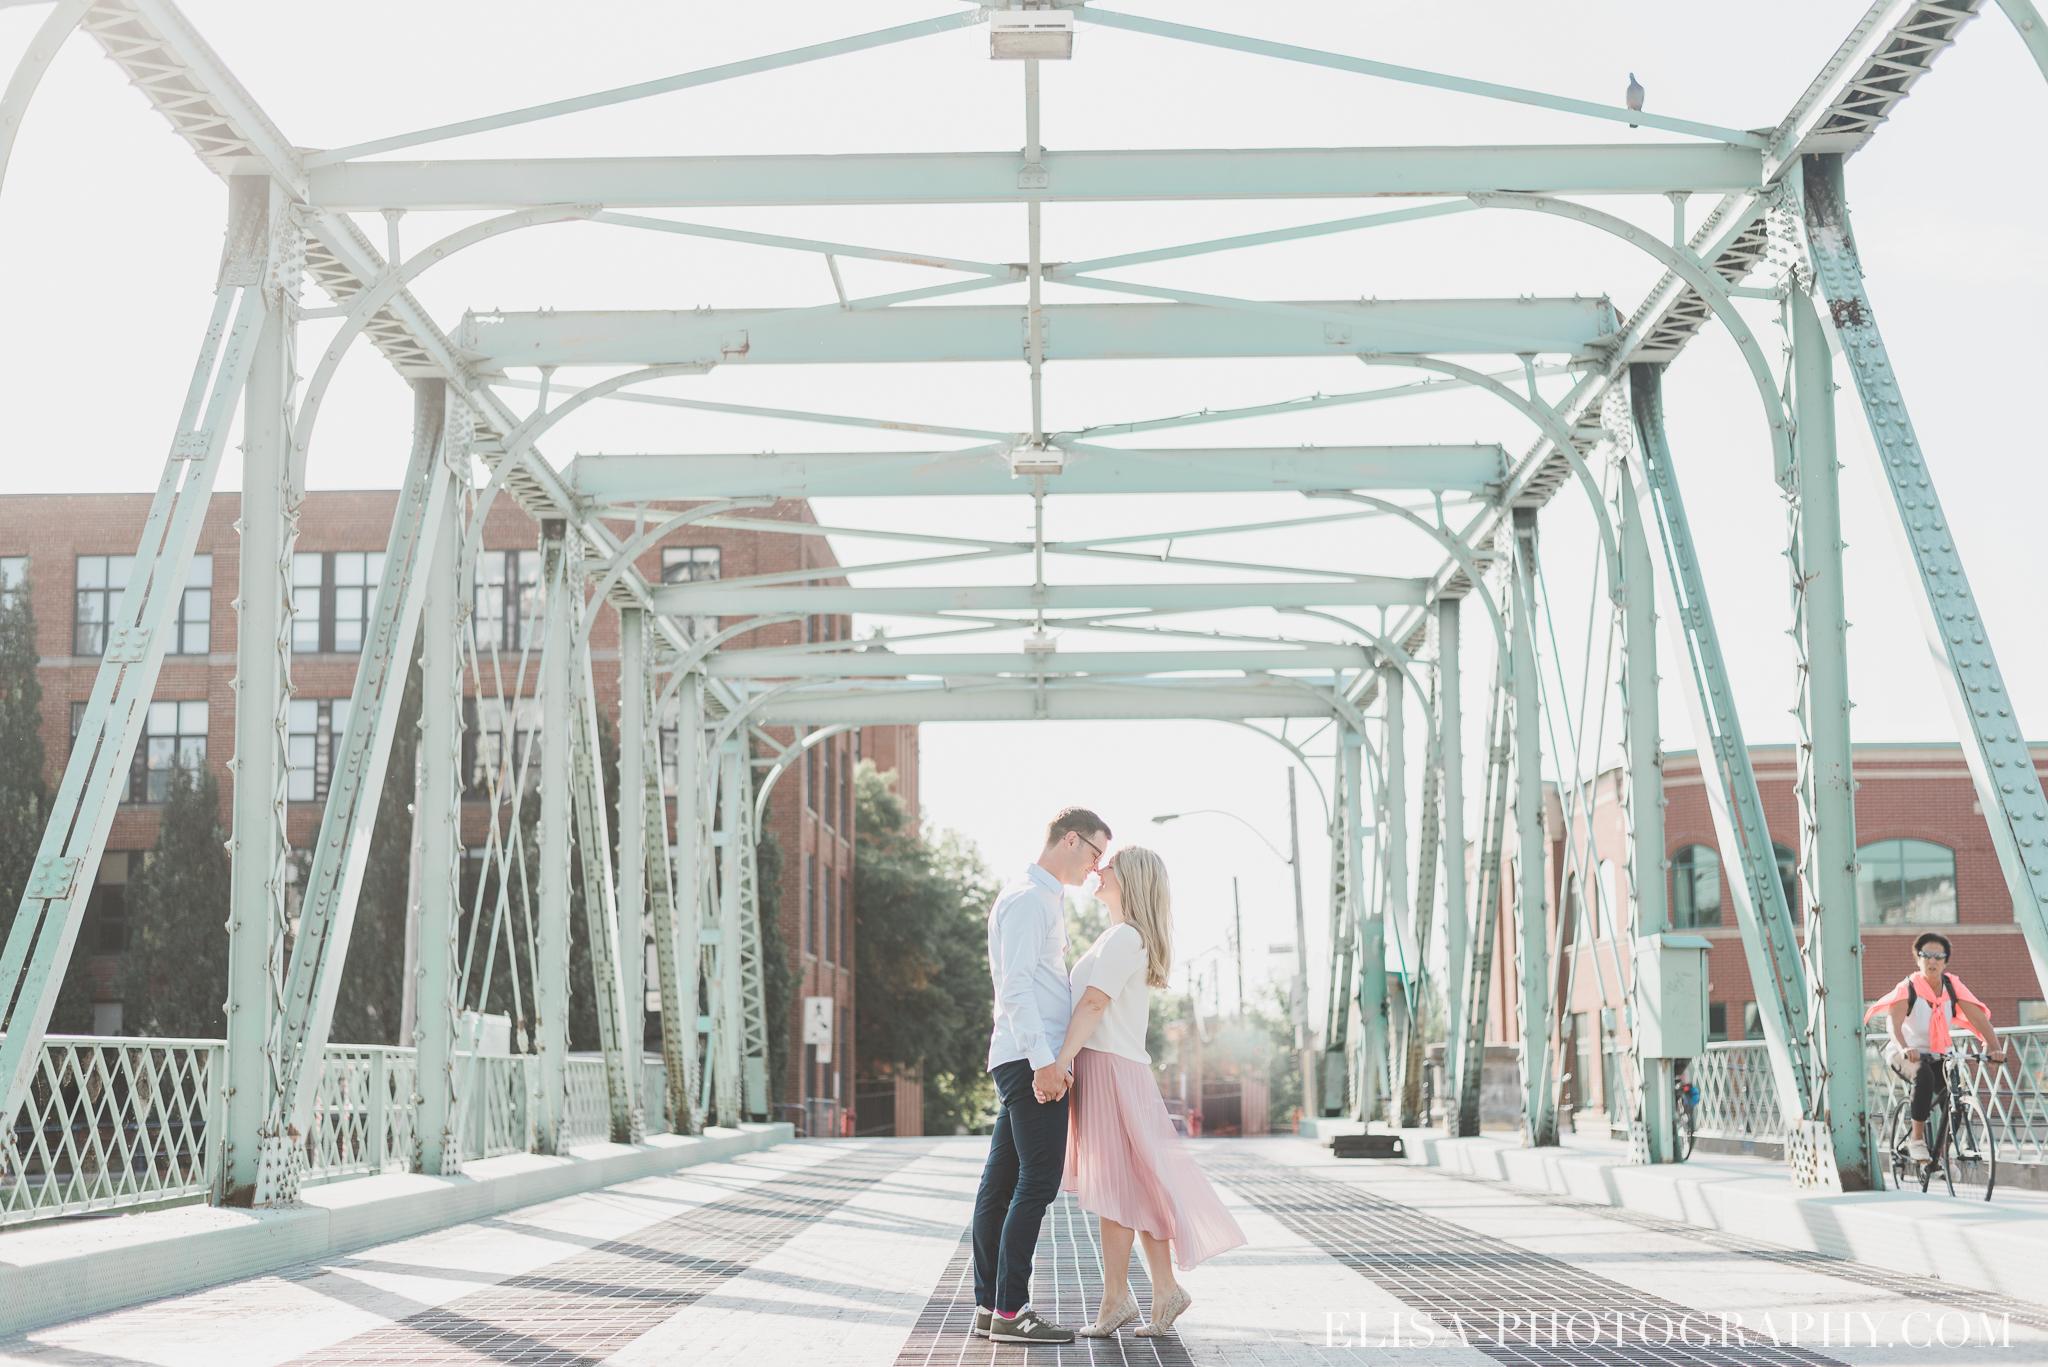 photo couple fiançailles engagement vieux port montreal lumineuse naturelle romantique 9226 - Séance fiançailles dans le vieux-port